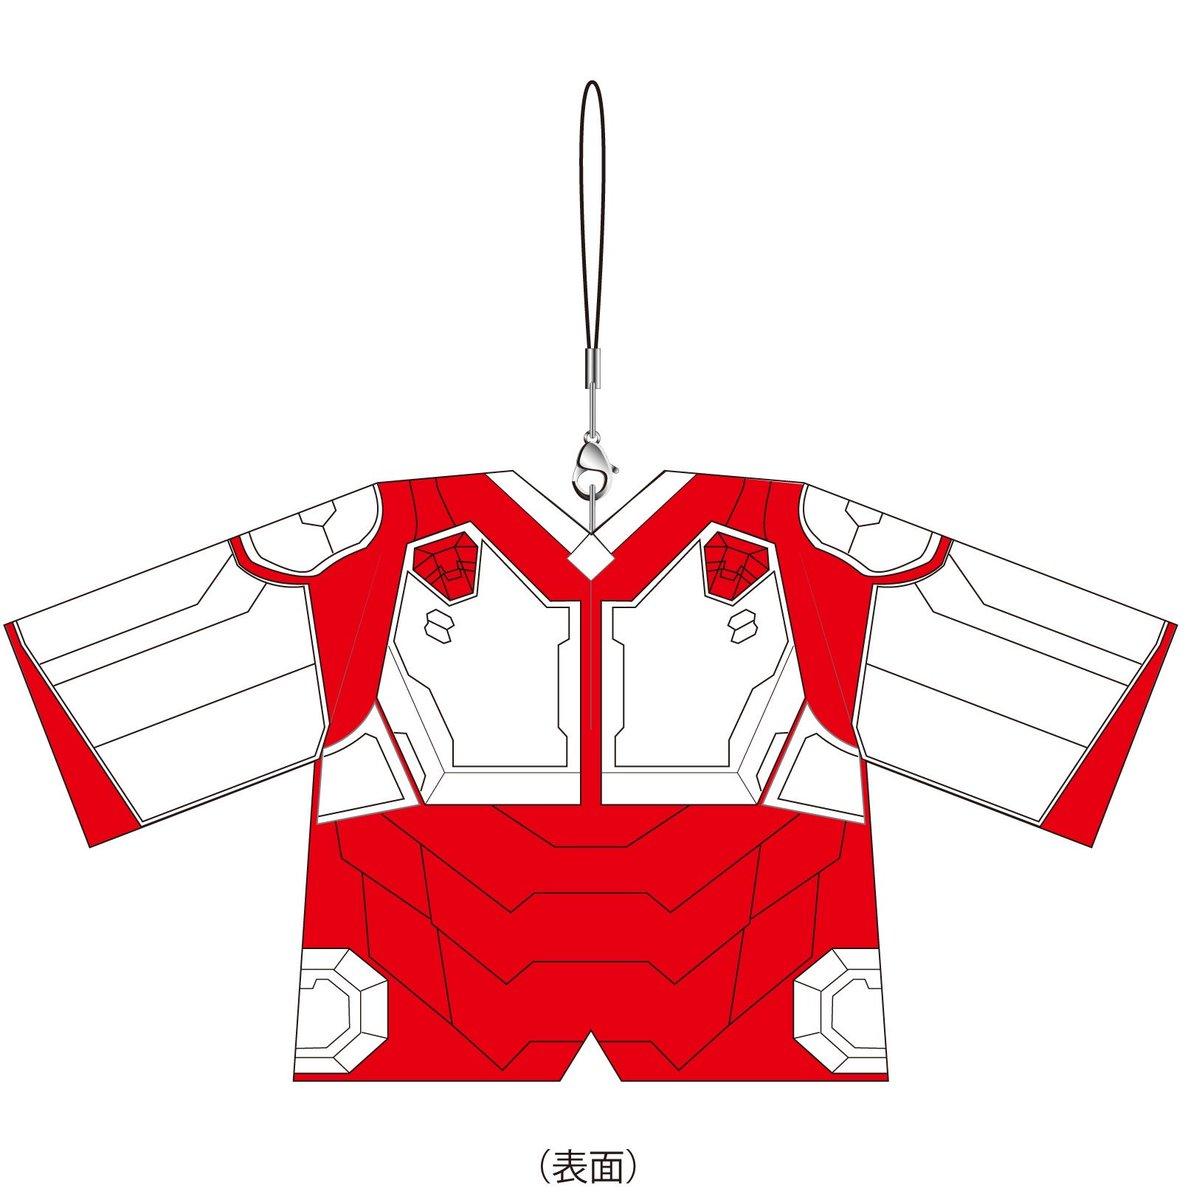 「テラフォーマーズ」ブルーレイDVDセル商品には先着予約特典があるんです!劇中の宇宙服をイメージした可愛いチャームです。数に限りがございますので、ご予約はお